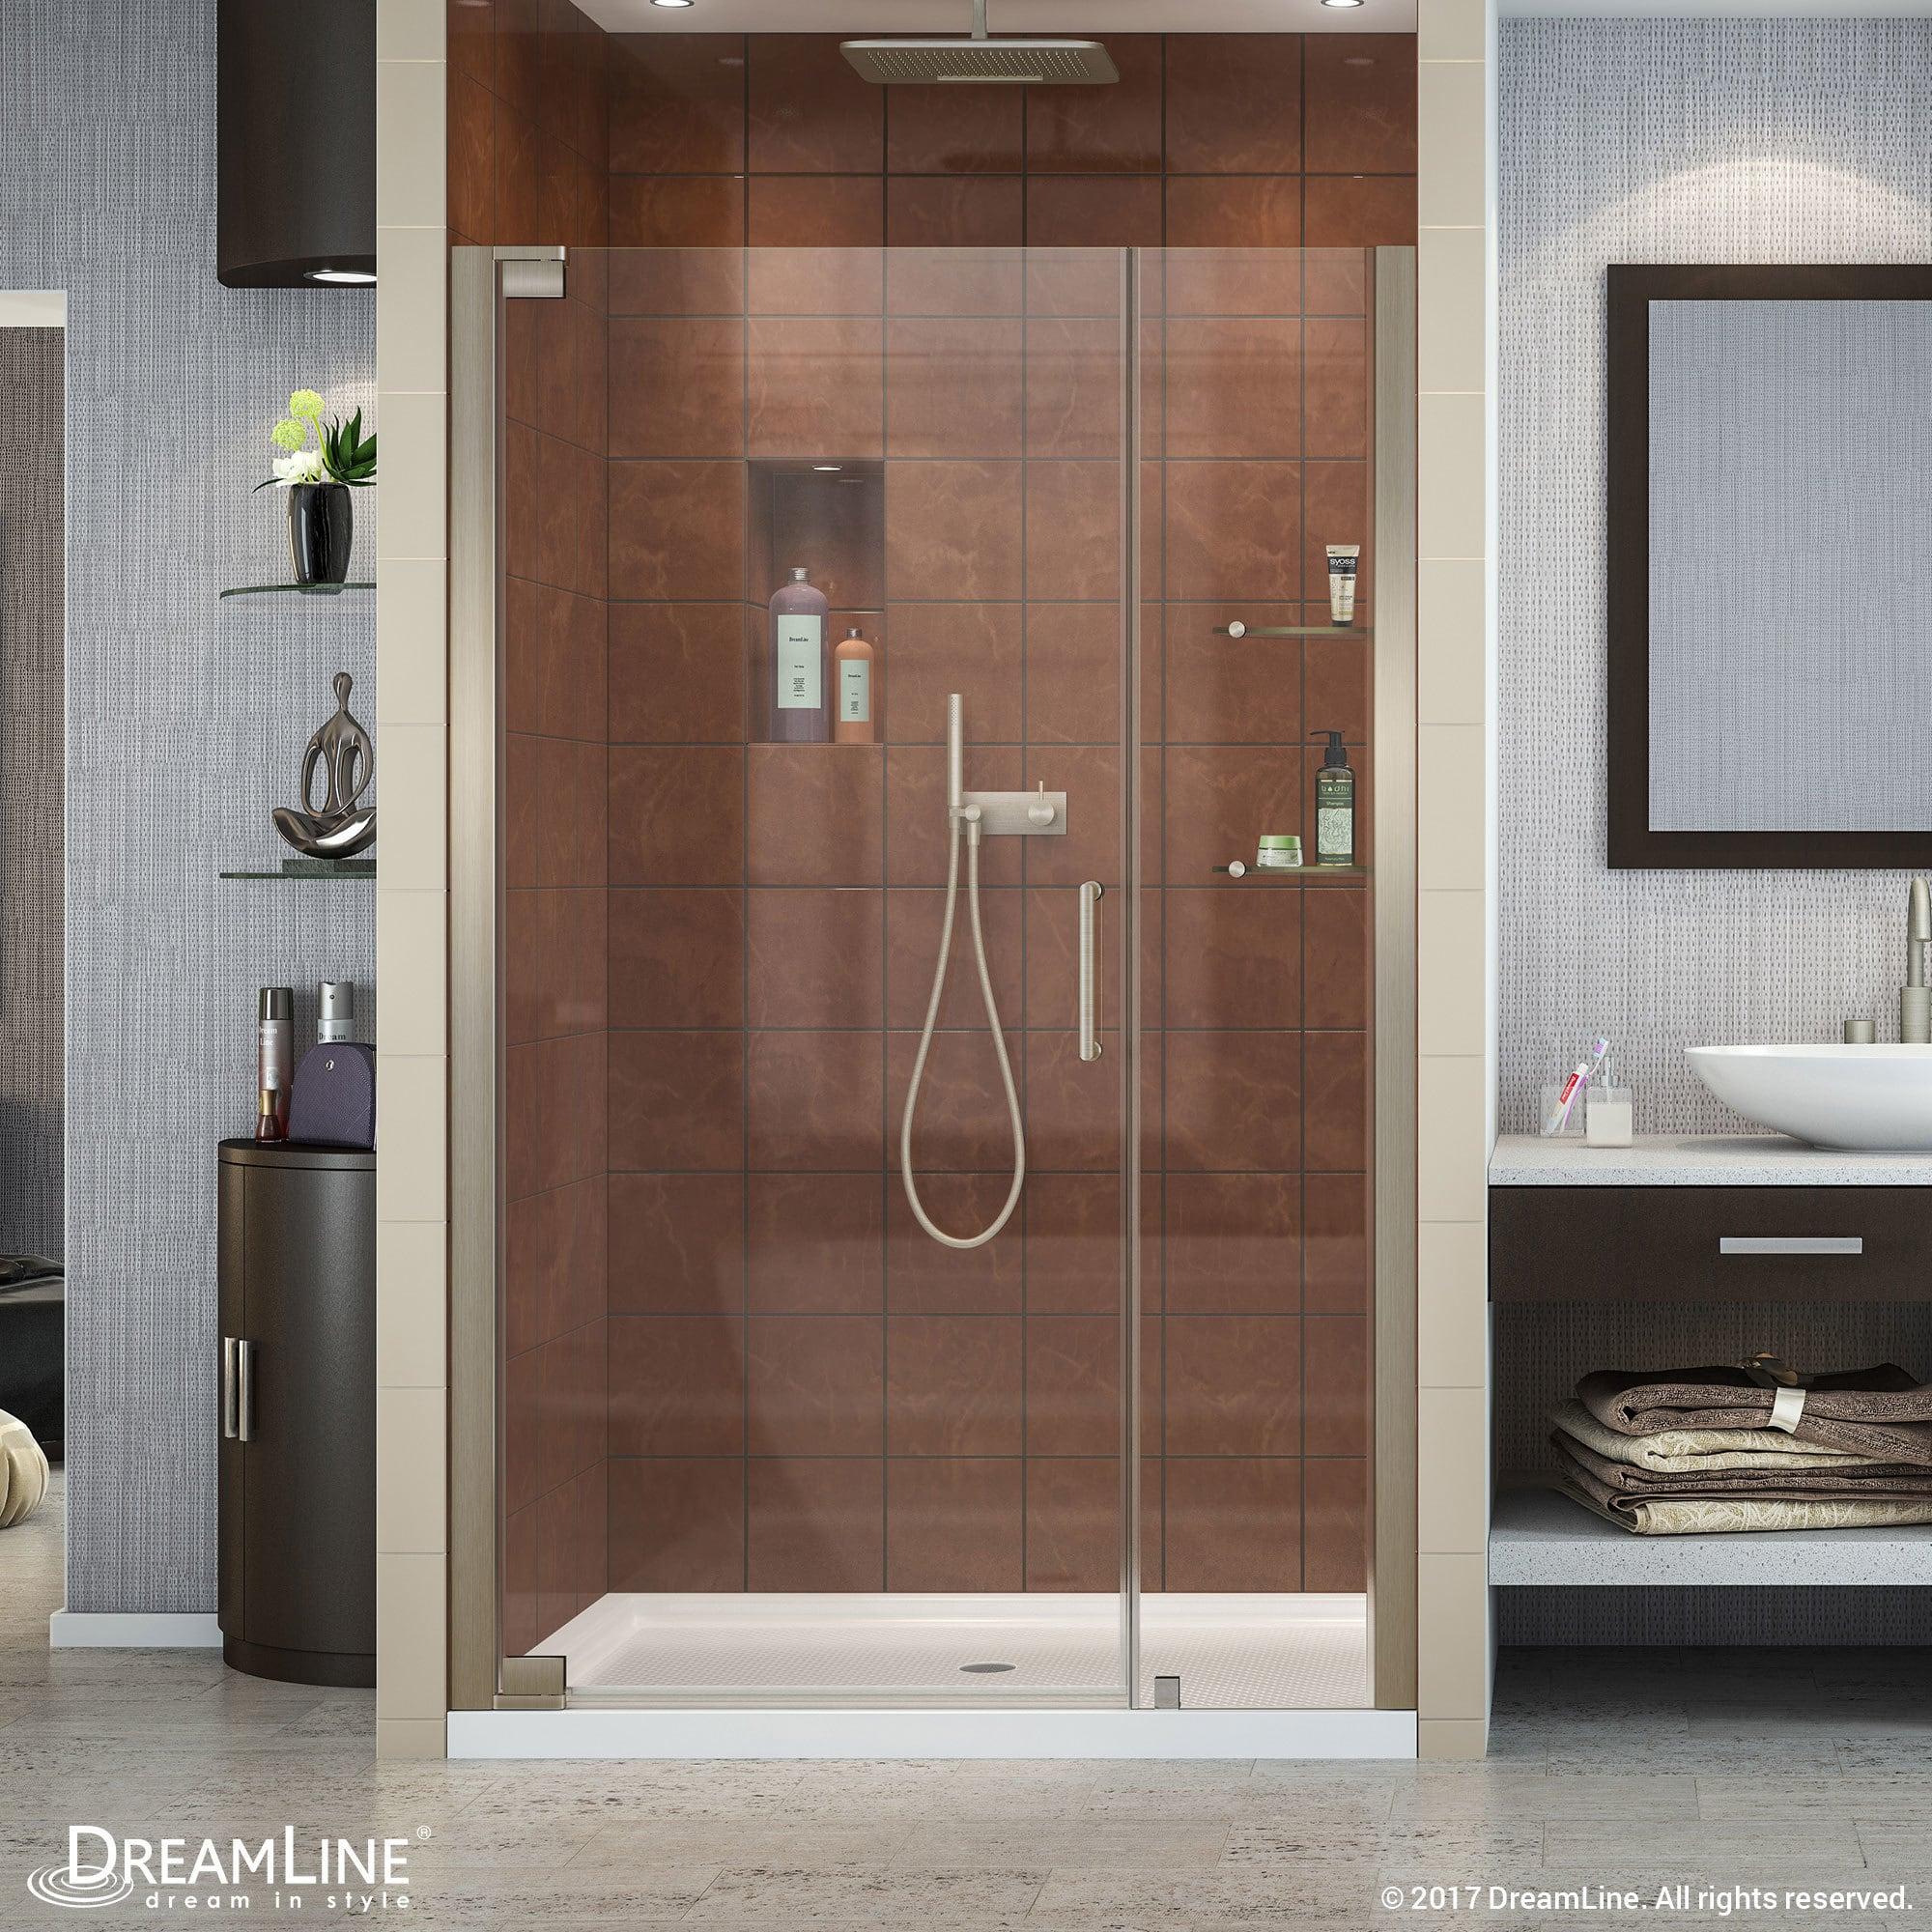 Dreamline Elegance 46 48 In W X 72 In H Frameless Pivot Shower